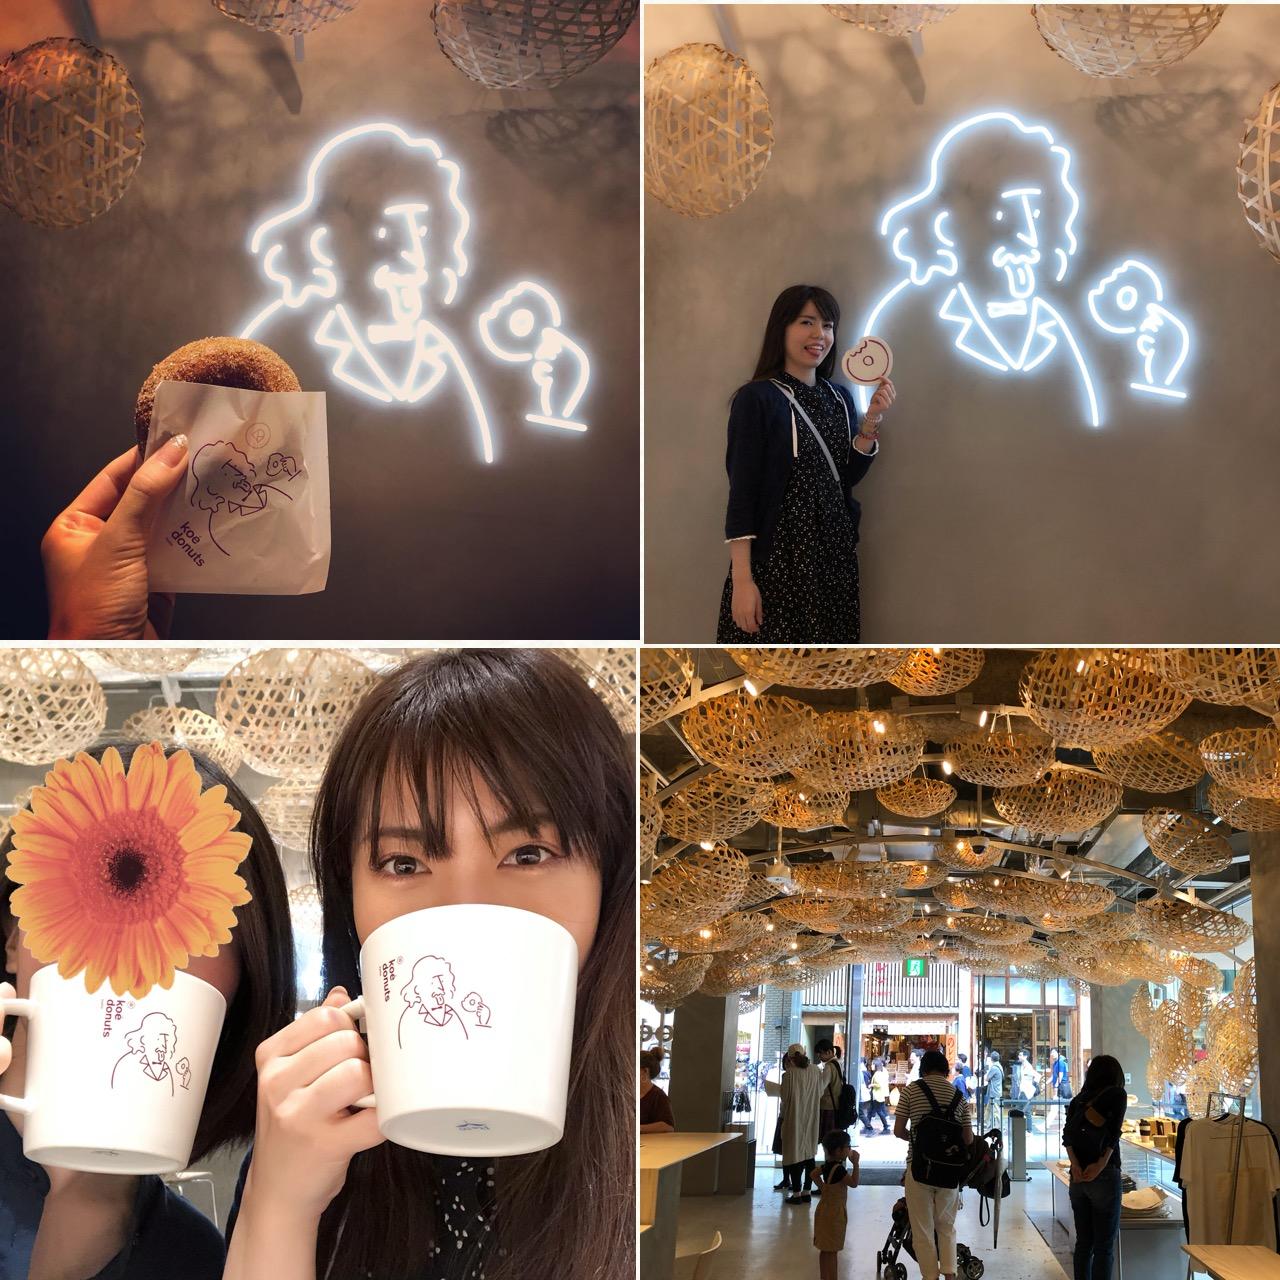 <京都*女子旅にオススメ>koé donuts kyotoのエシカルなドーナツがフォトジェニックでおいしすぎる!♡_6